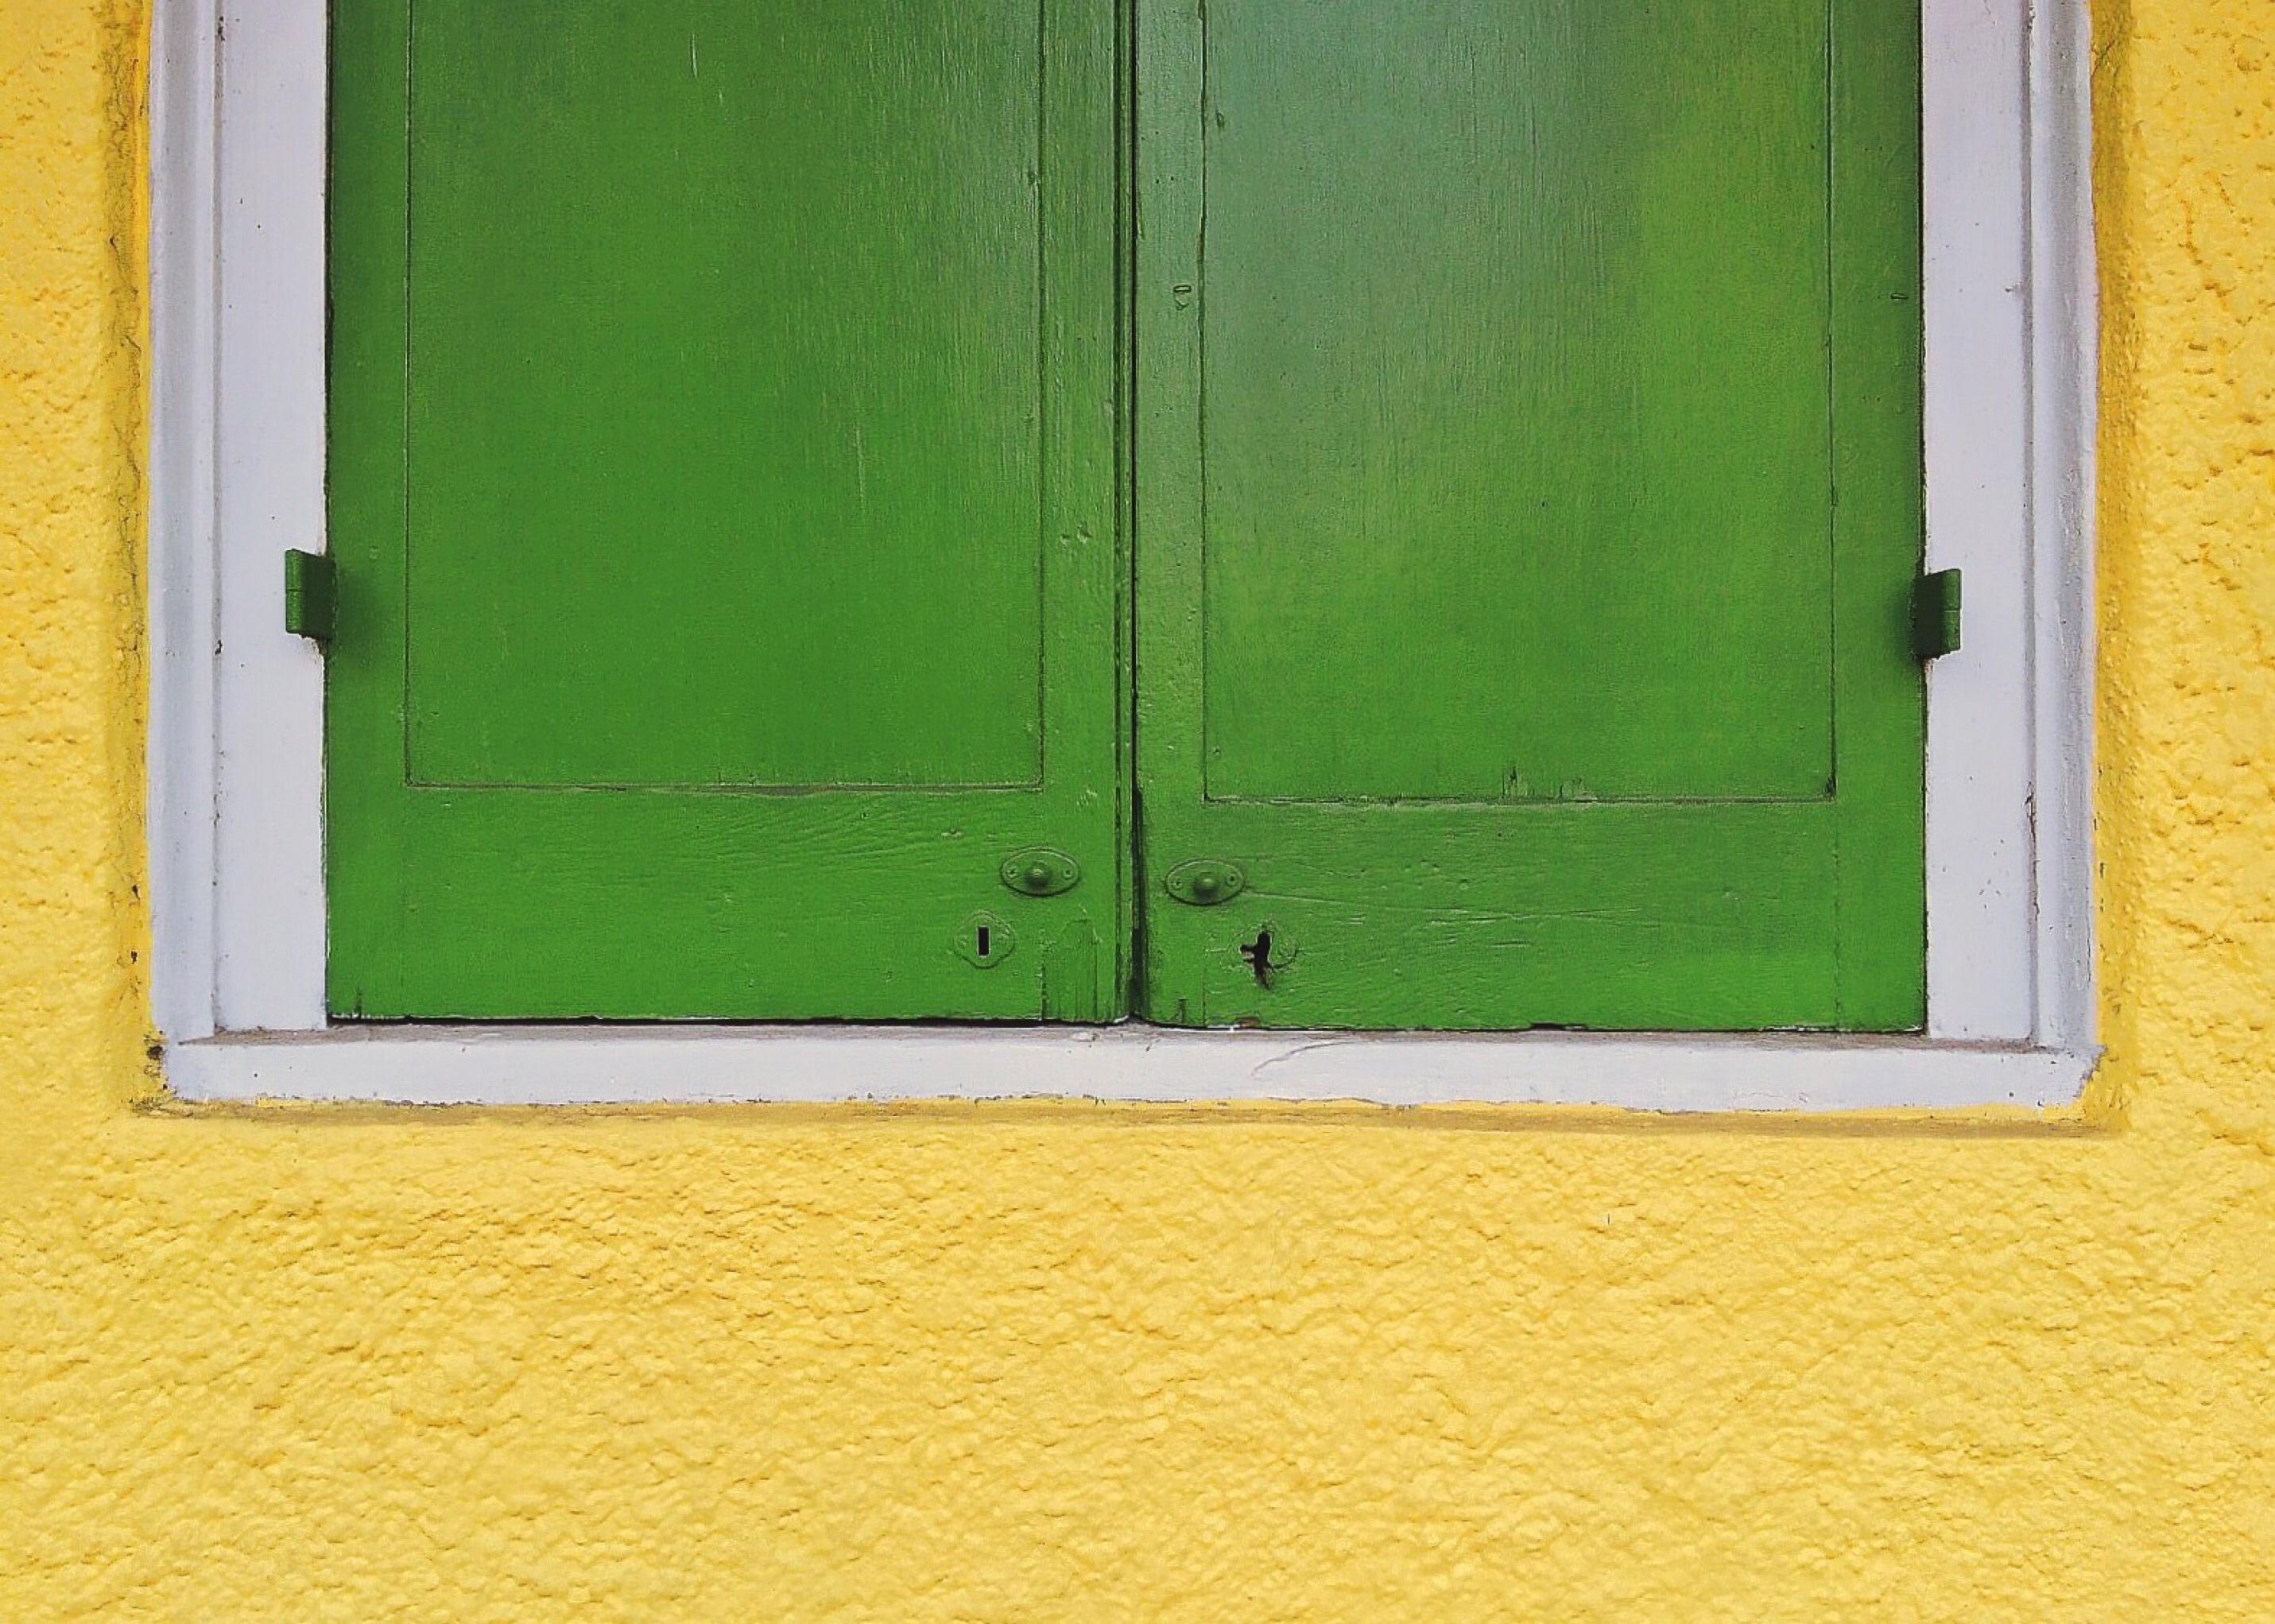 Kostenlose foto : die Architektur, Holz, Stock, Fenster, Zuhause ...